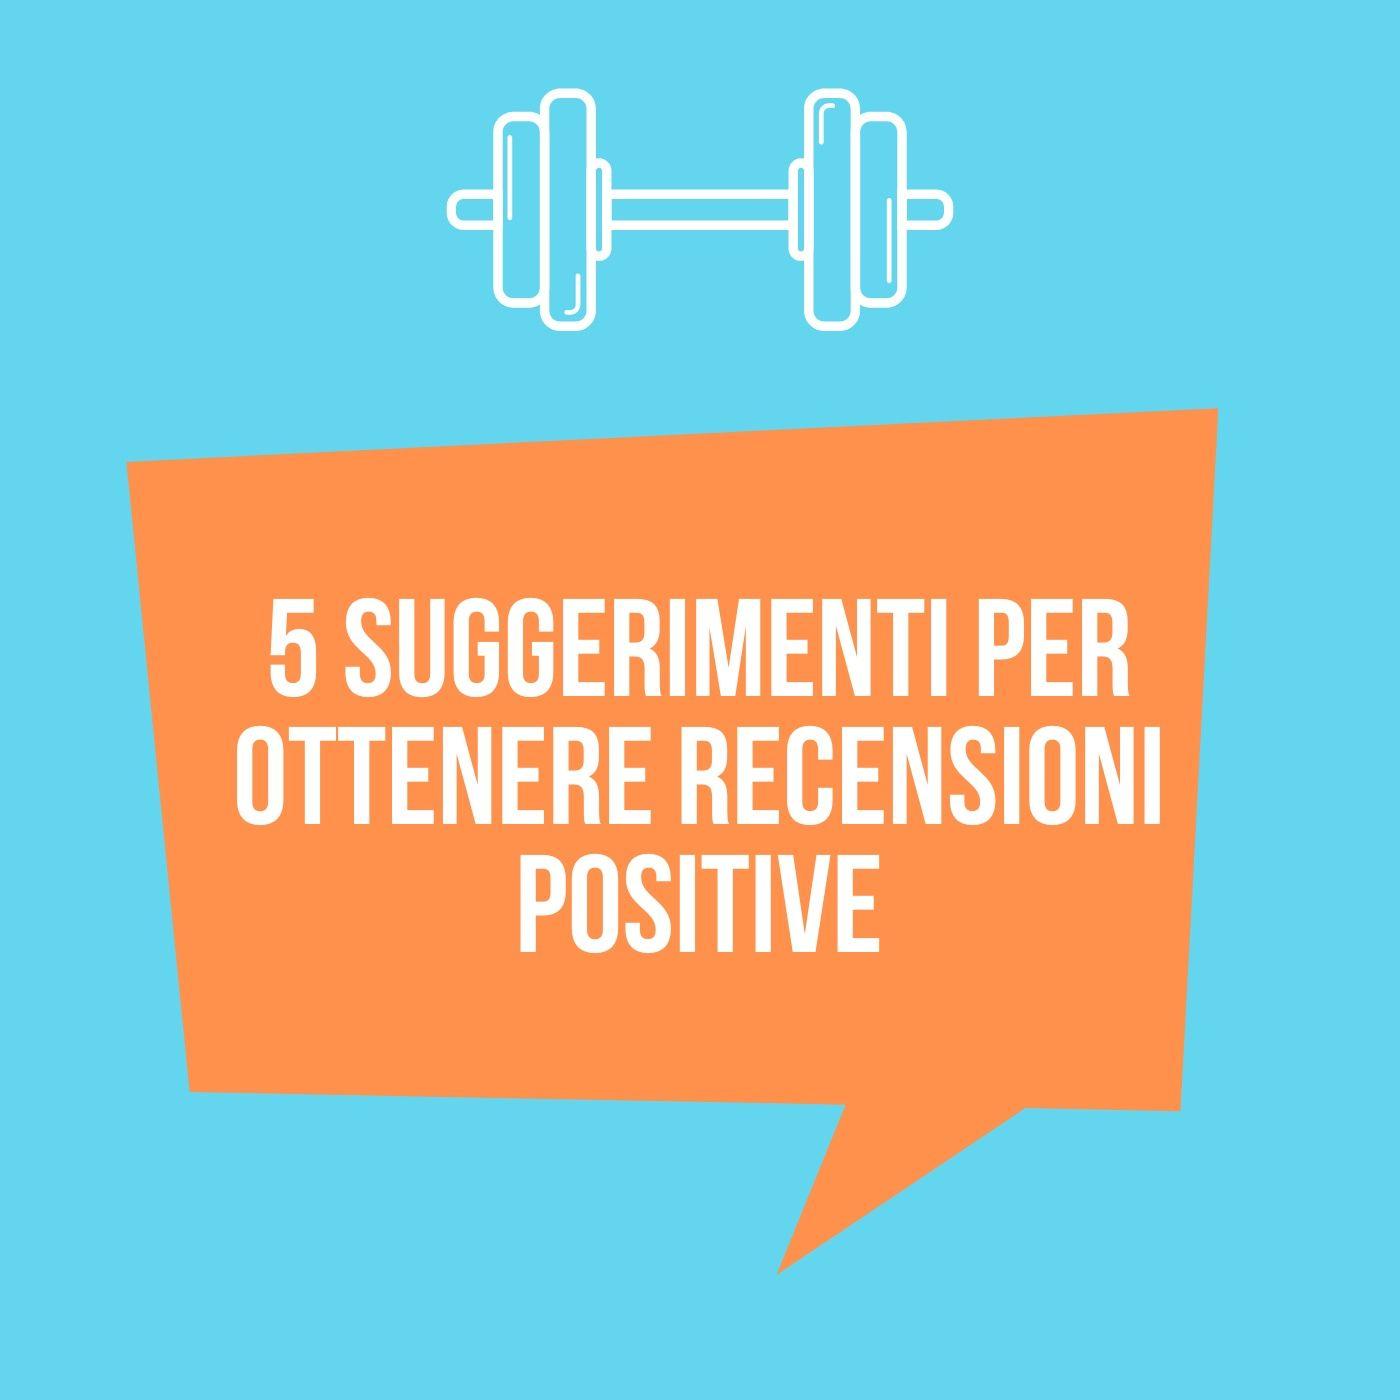 5 suggerimenti per ottenere recensioni positive